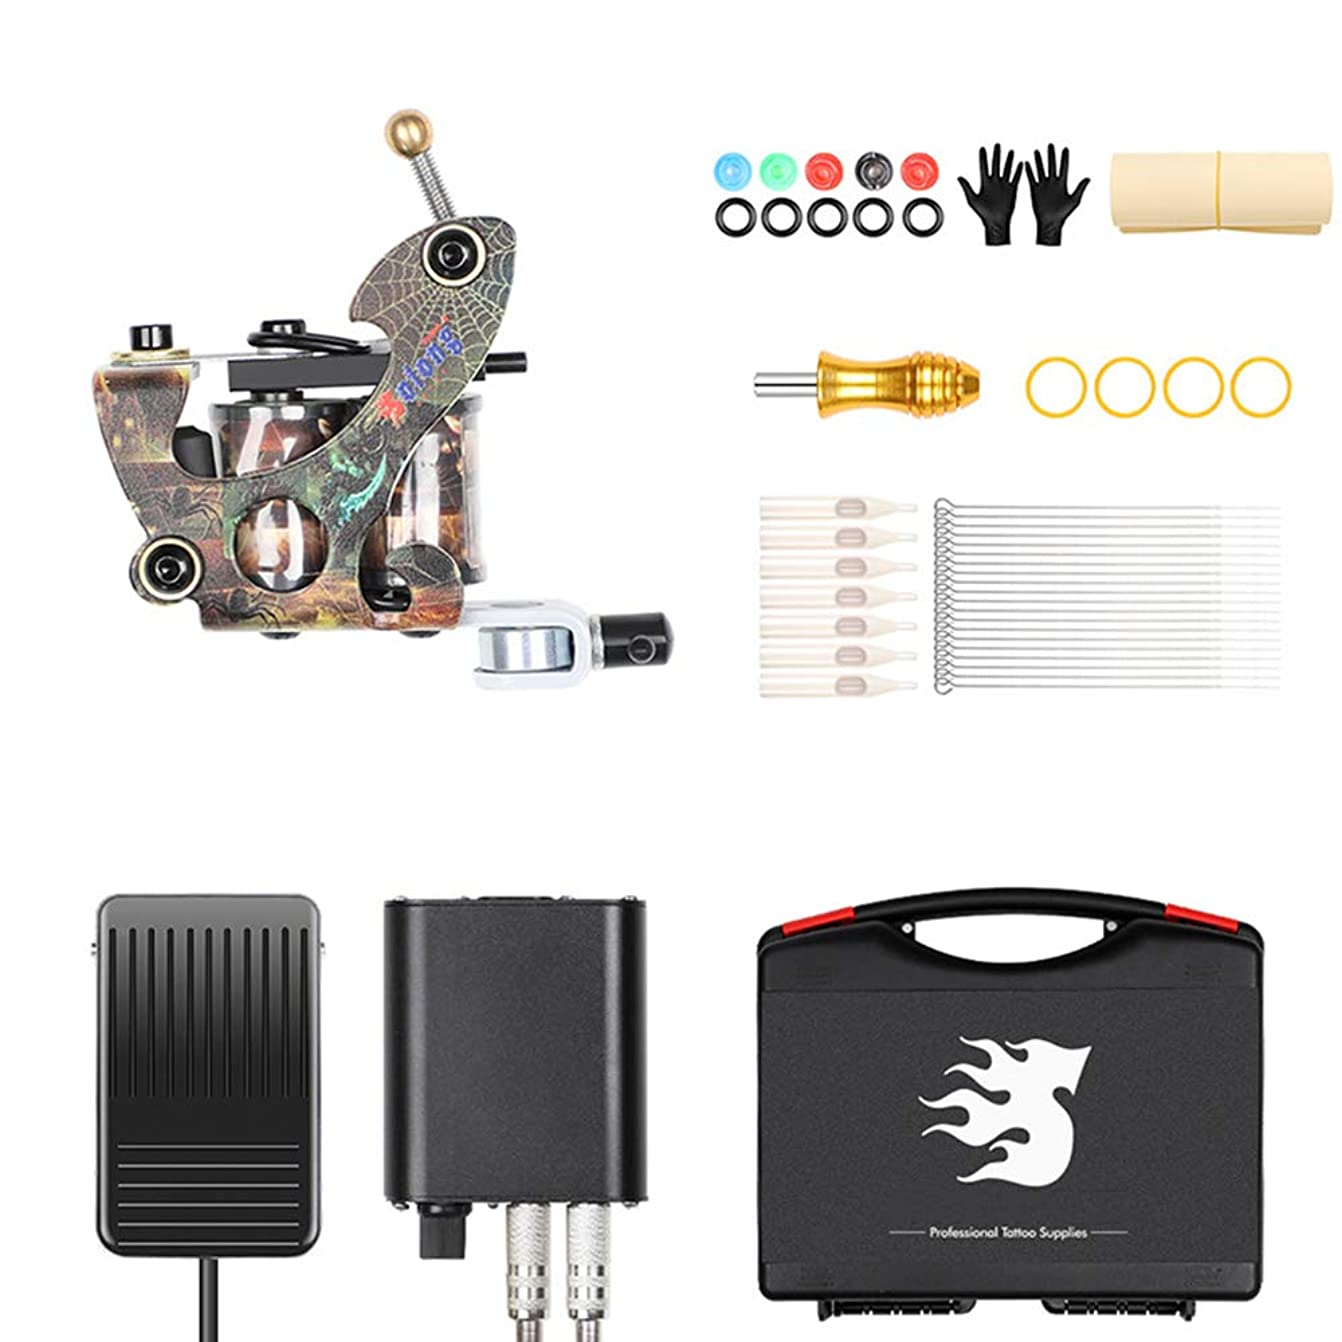 ライナーおよびシェーダー電源グリップニードル用キャリーケースTK106タトゥー初心者用コイルキット